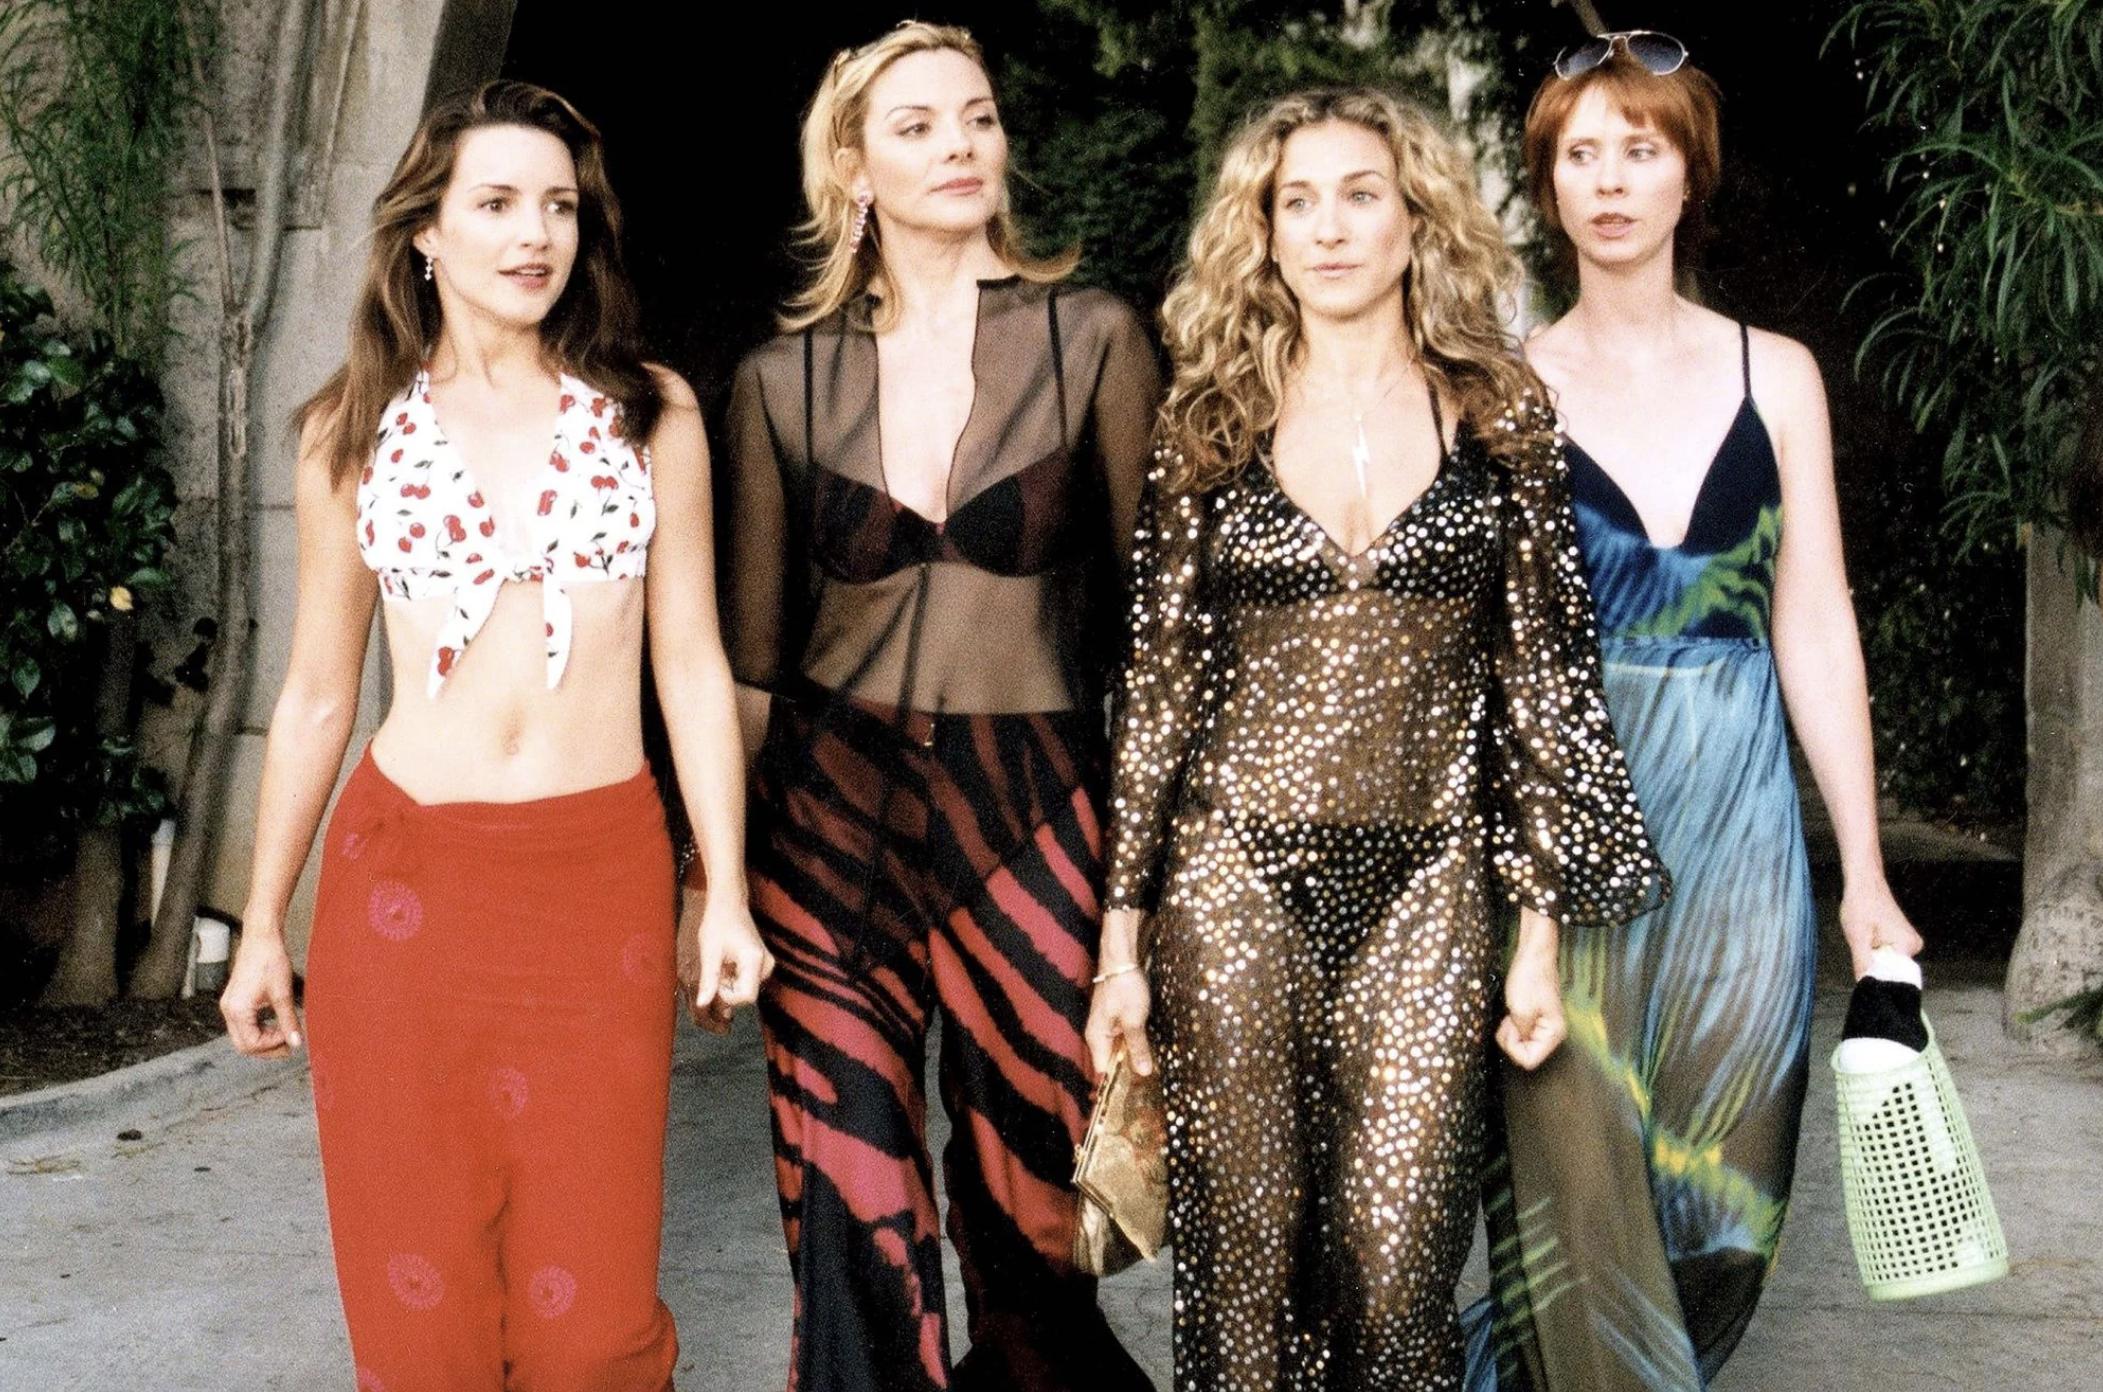 La Generación Z está trayendo de regreso todas las tendencias de la moda en los 2000